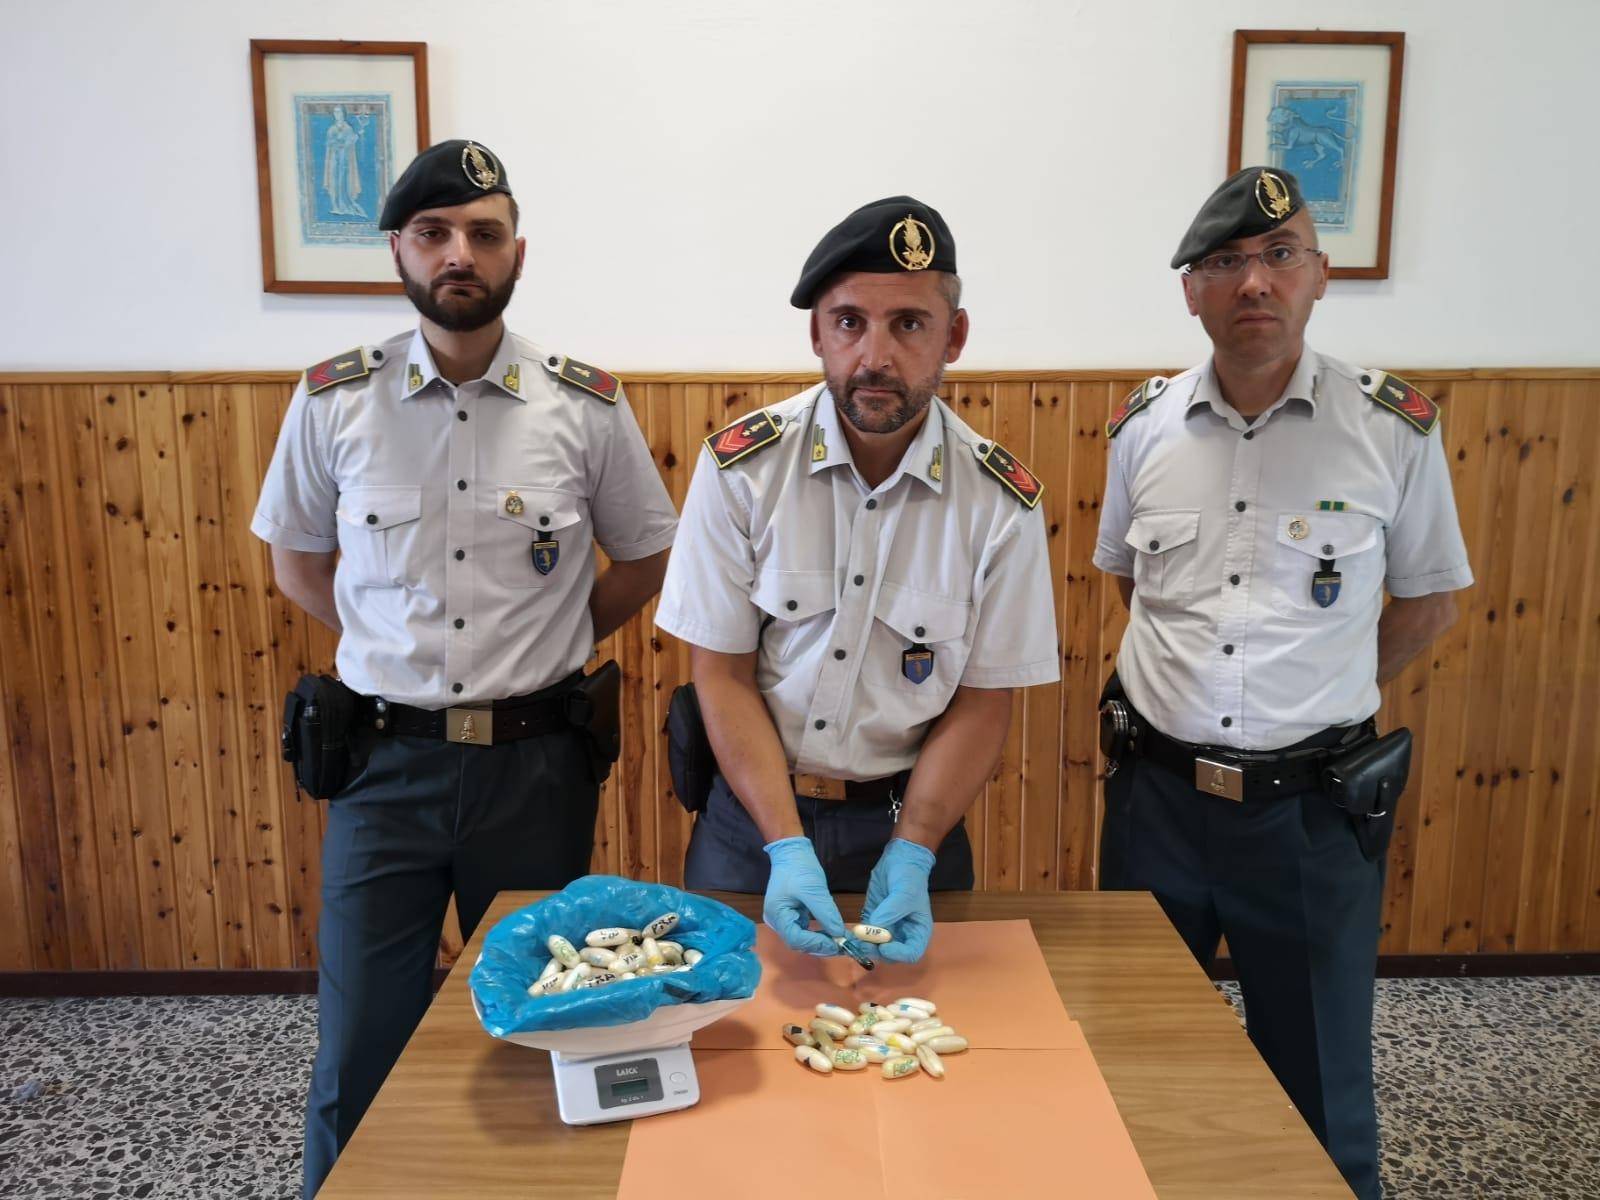 Corriere della droga arrestato a Domo: aveva 73 ovuli di cocaina nell'addome